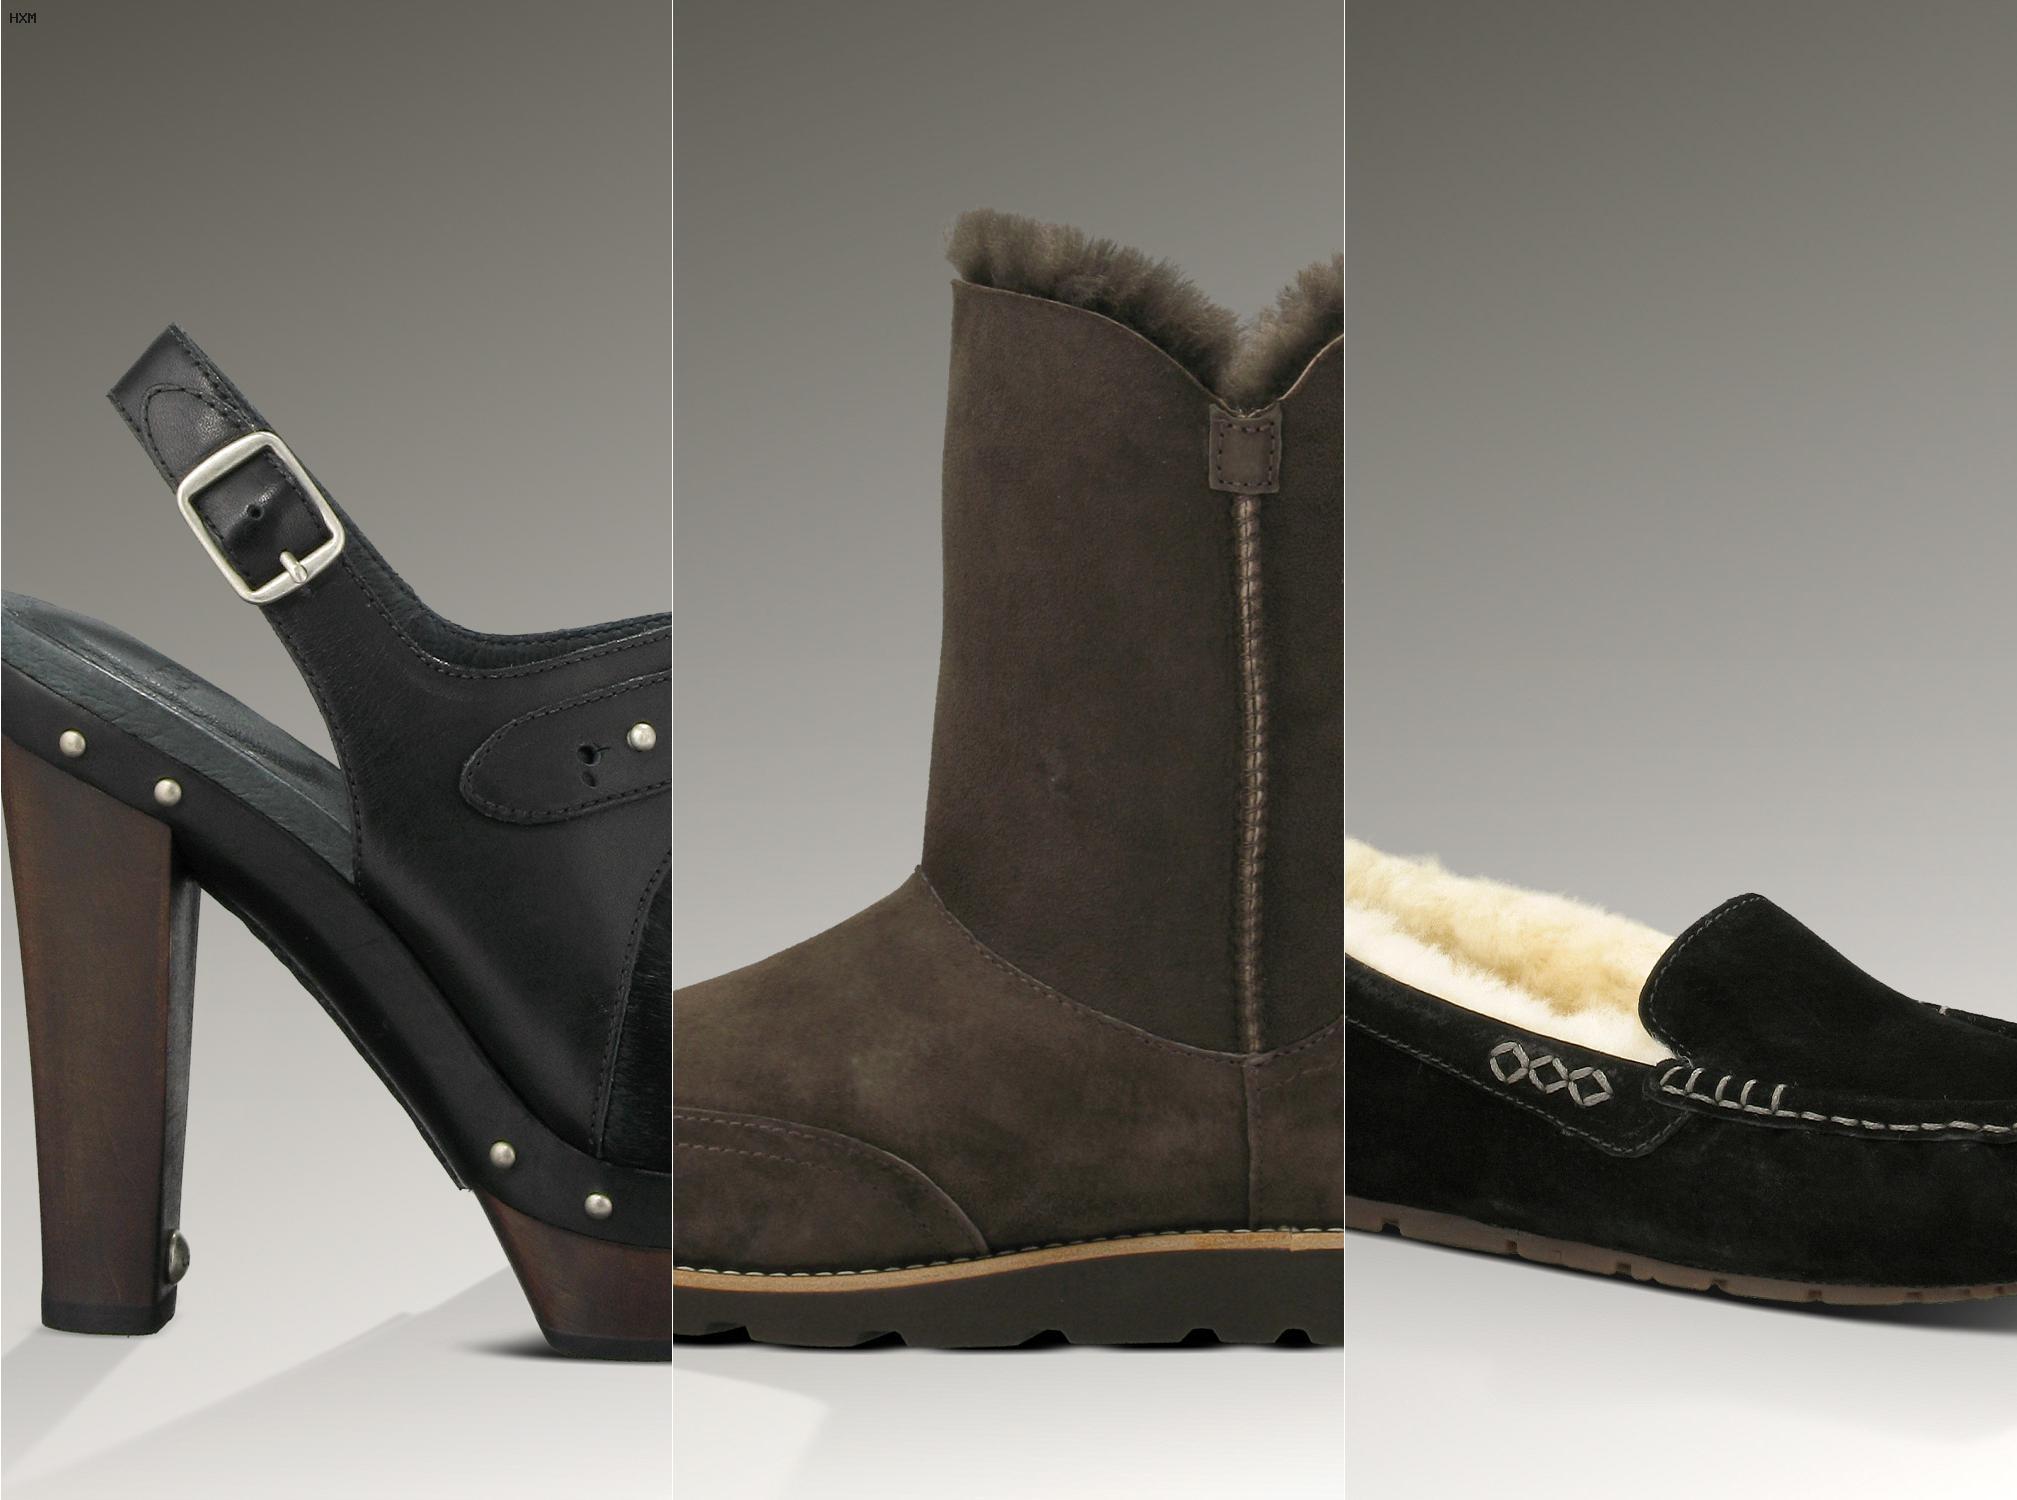 donde comprar zapatos ugg en madrid